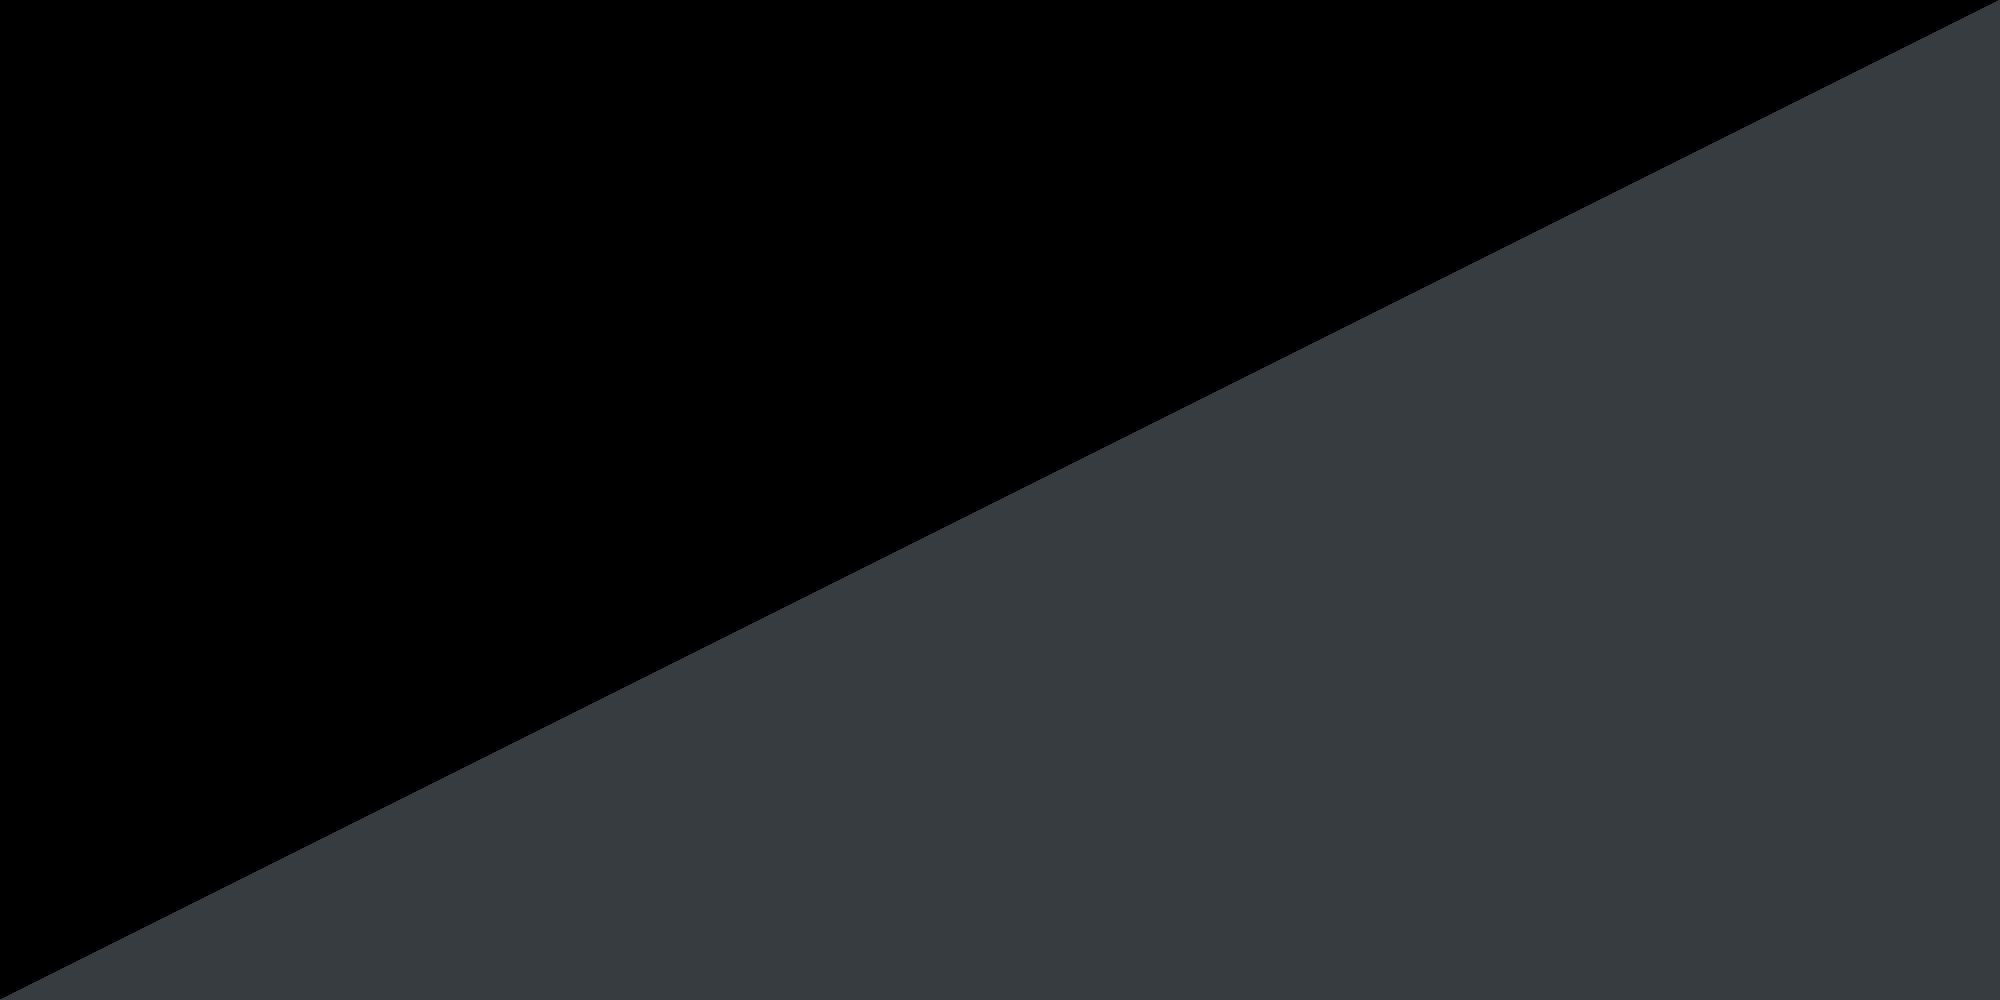 right background slit image 1